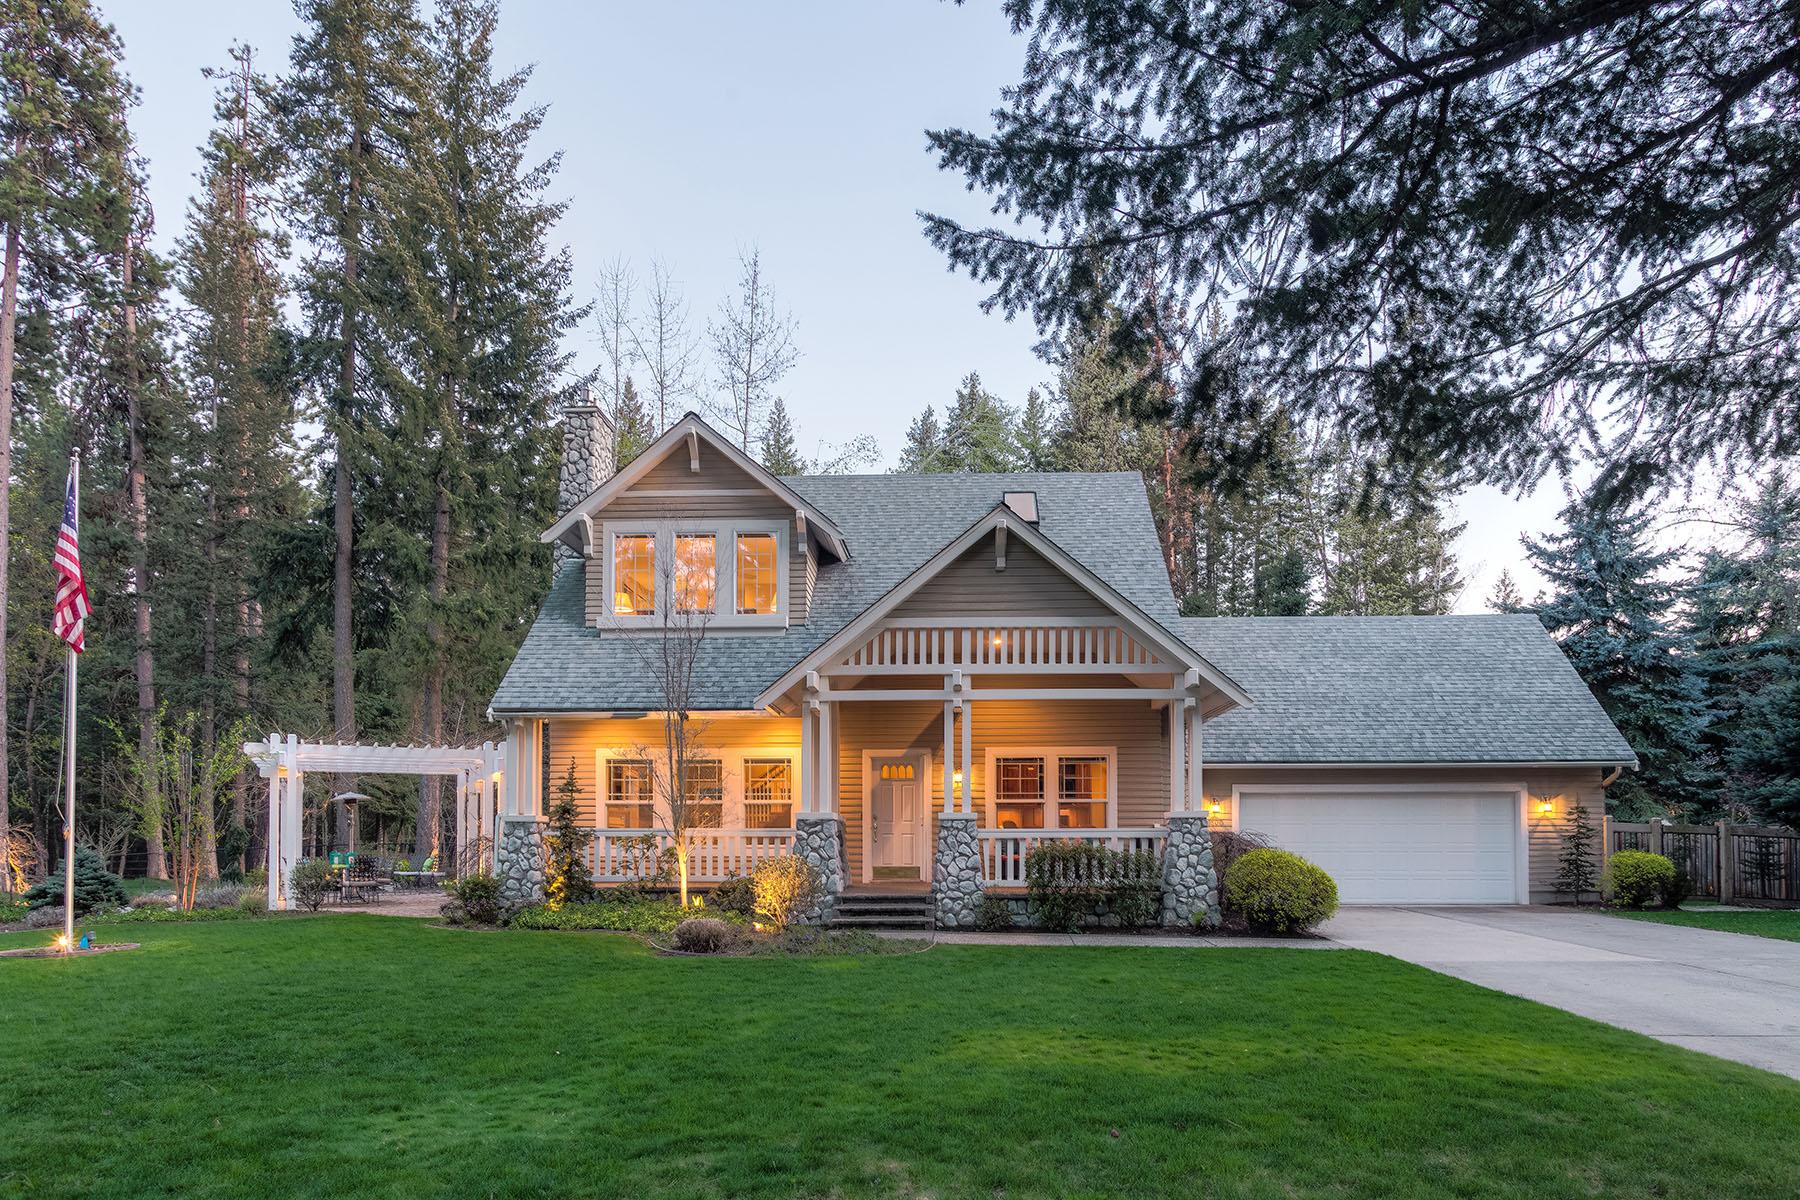 Casa Unifamiliar por un Venta en Hayden Lake Extraordinary Lifestyle Home 1800 E Hayden Ave Hayden Lake, Idaho, 83835 Estados Unidos